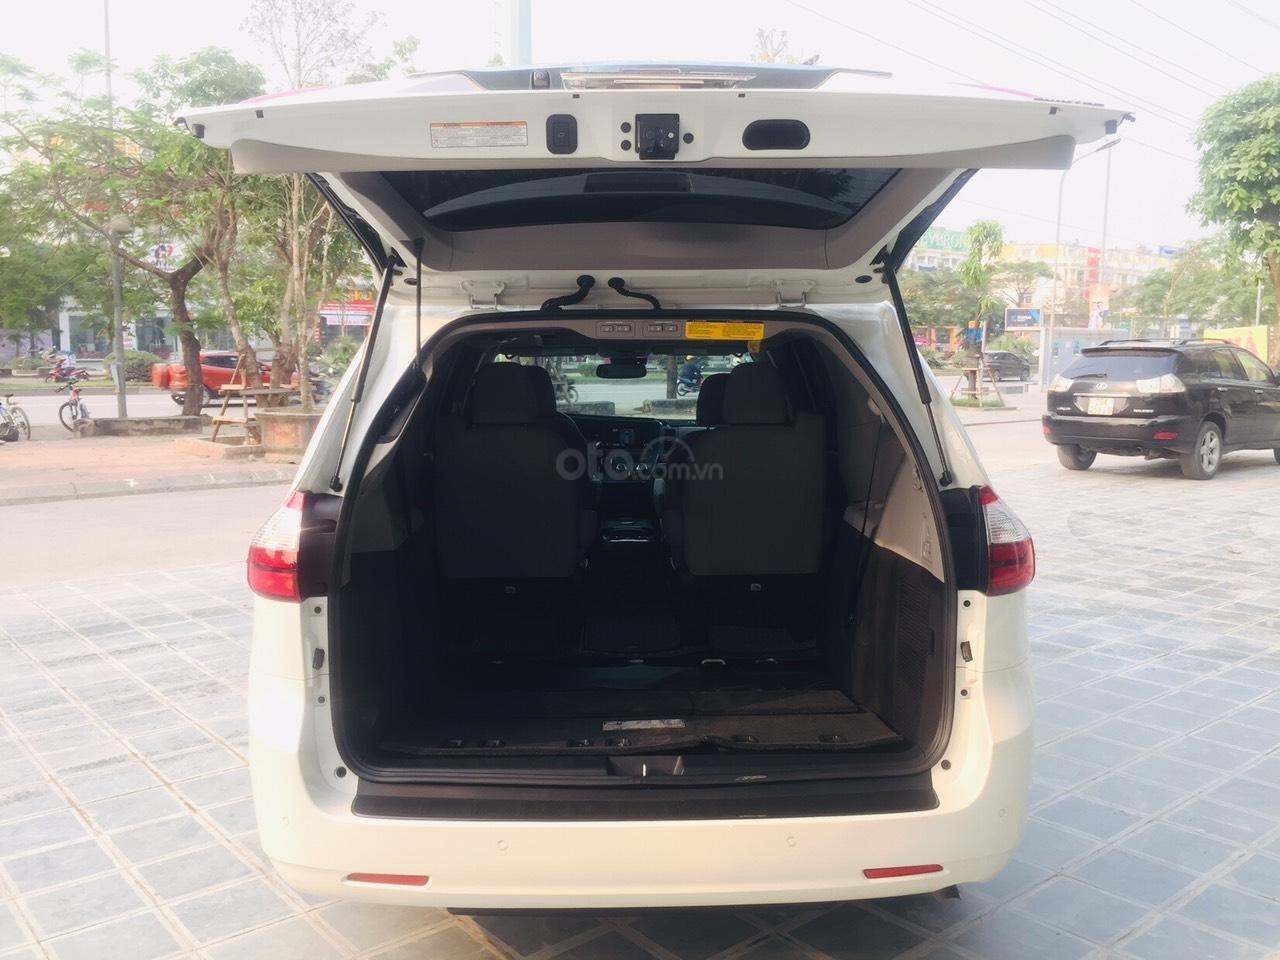 Bán Toyota Sienna Limited 2020 1 cầu, LH Ms Ngọc Vy giá tốt, giao ngay toàn quốc (7)